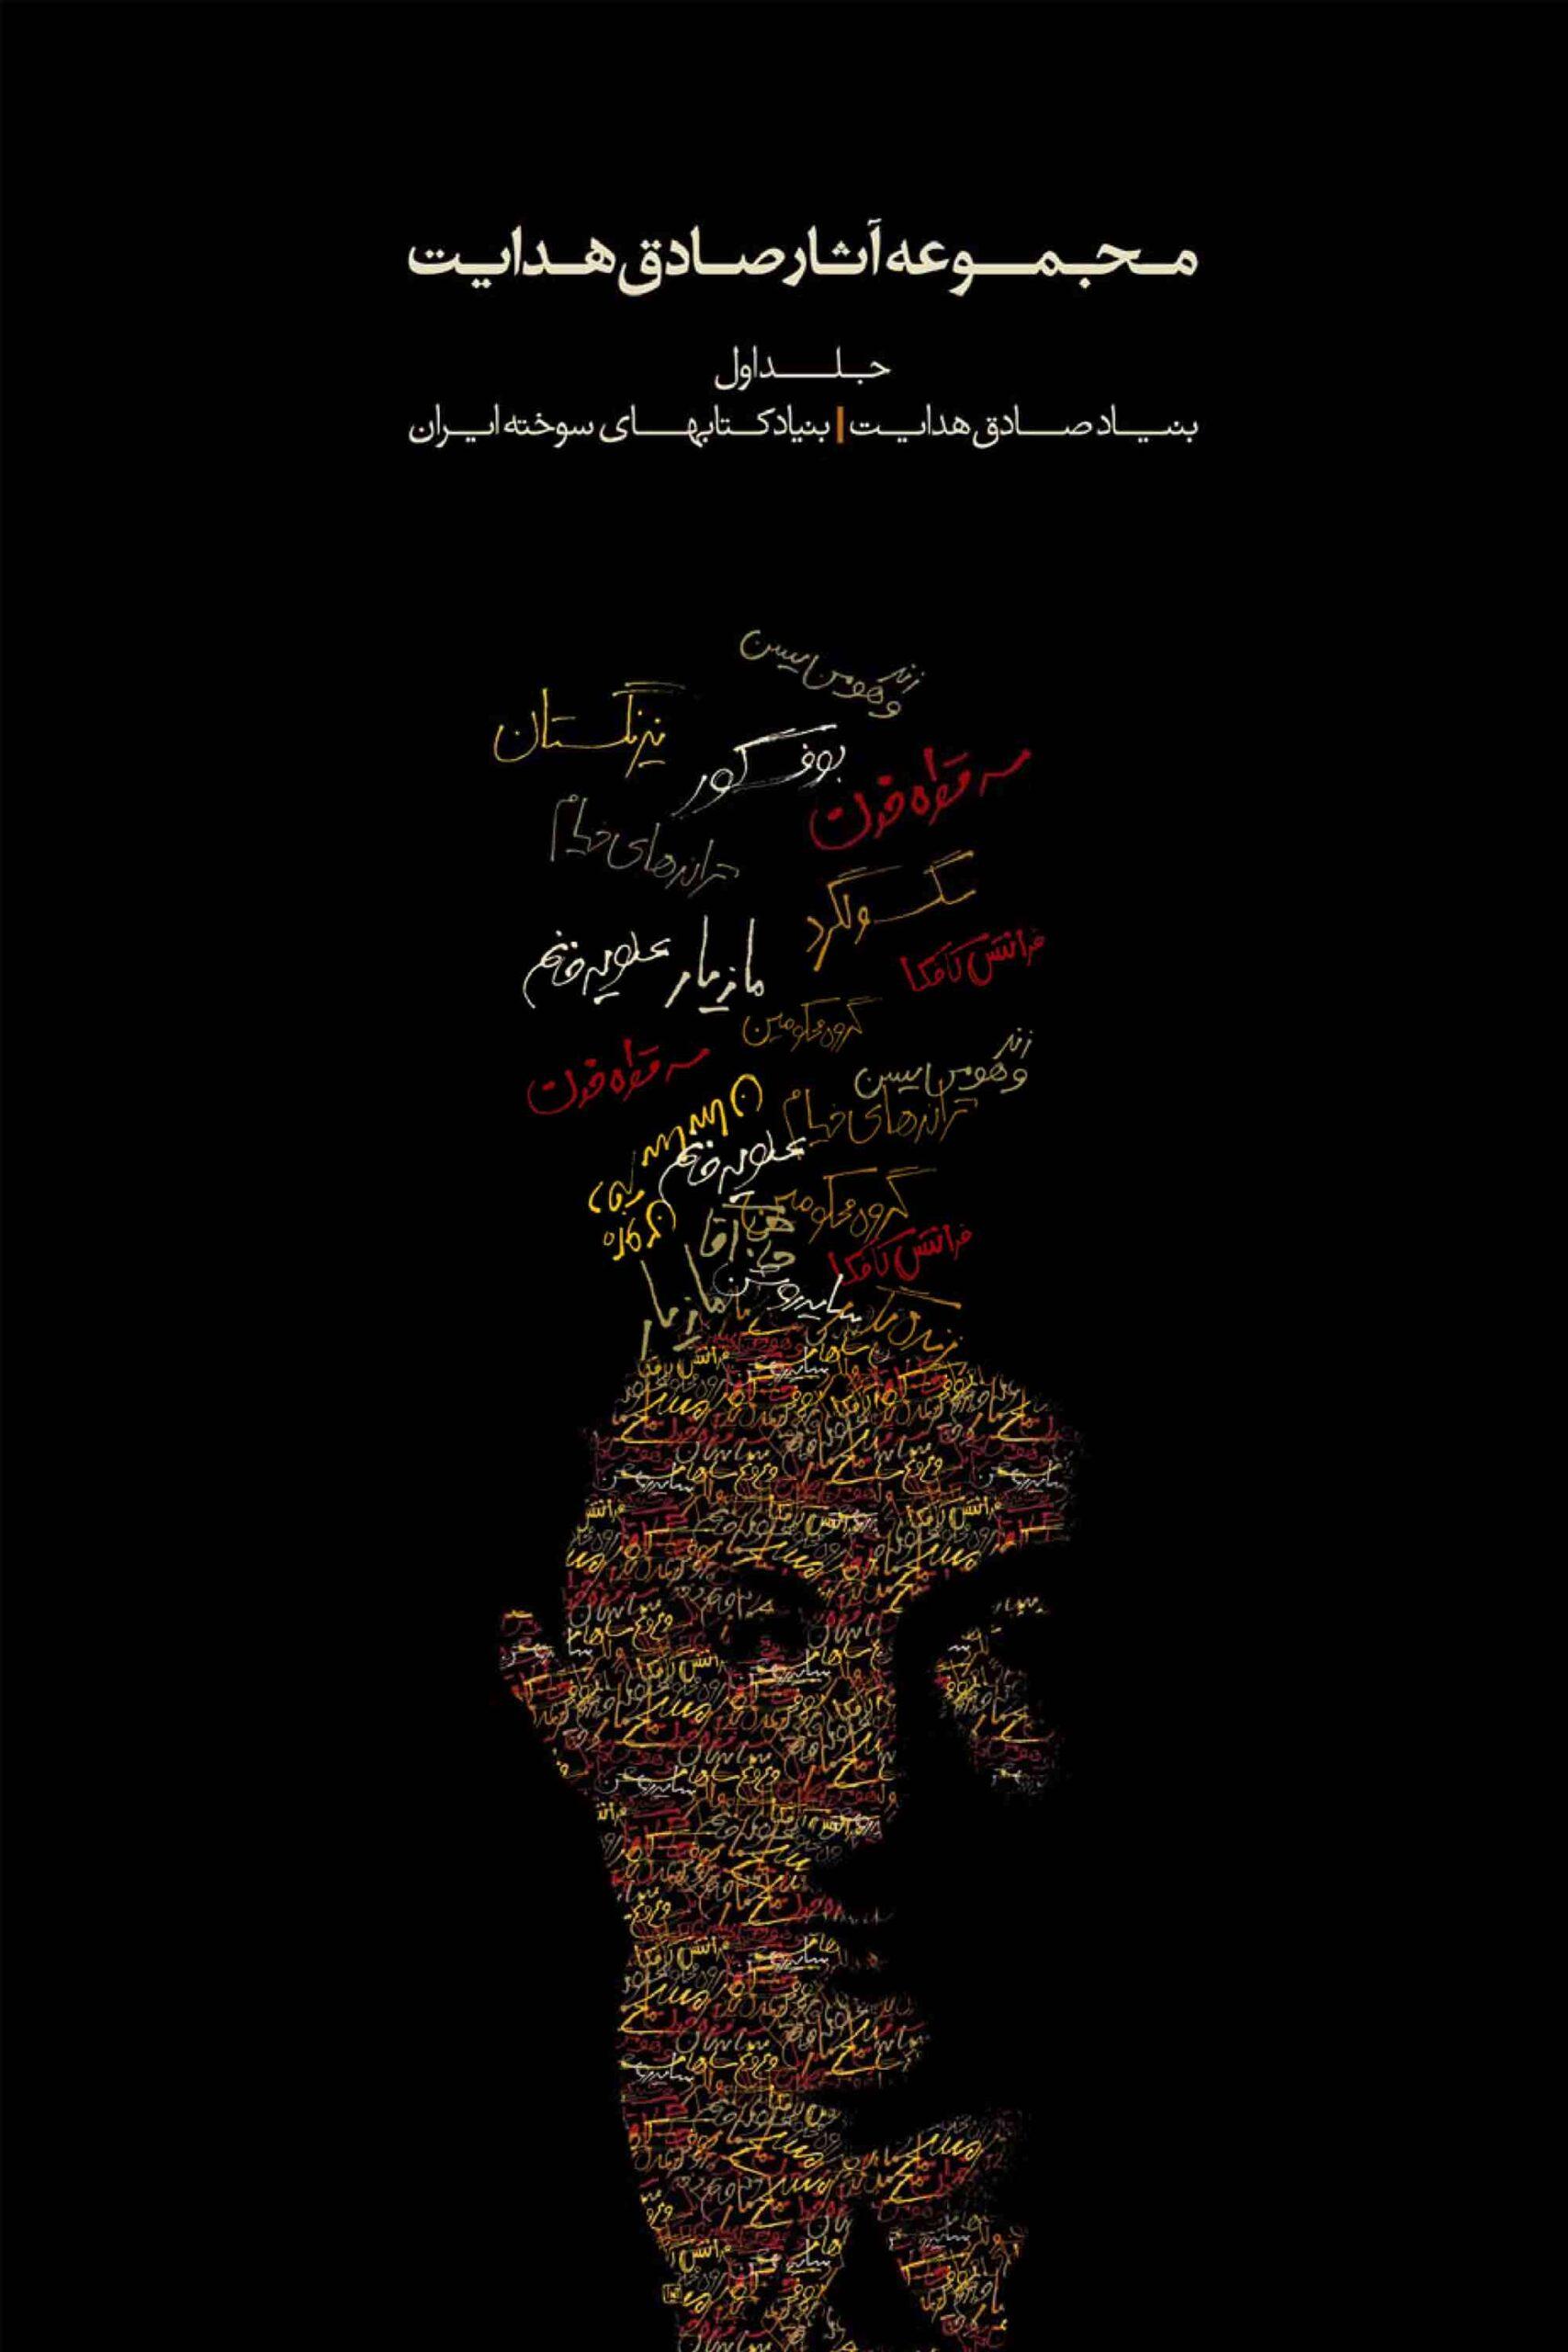 Sadegh Hedayat Vol. I – The Short Stories